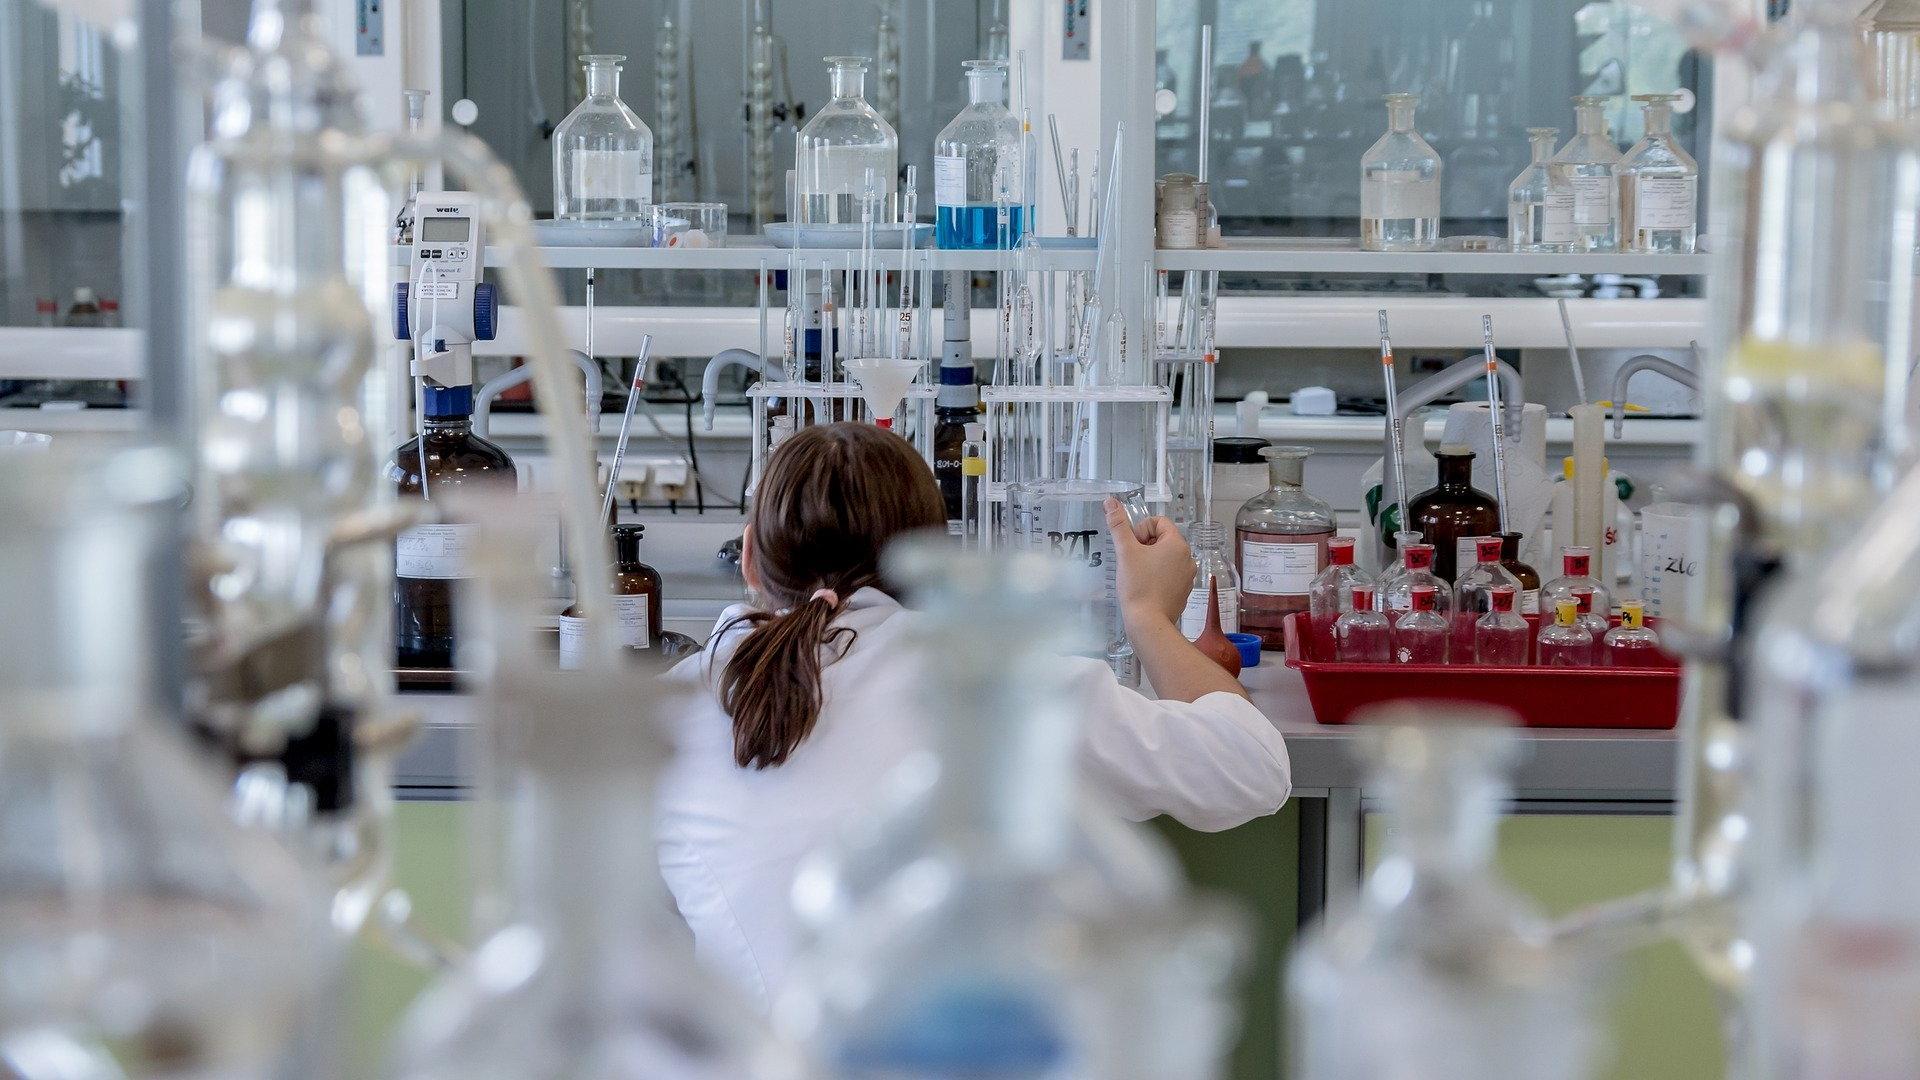 Ученый подверг критике выводы онлайн-исследования о влиянии электронных сигарет на заболеваемость коронавирусом